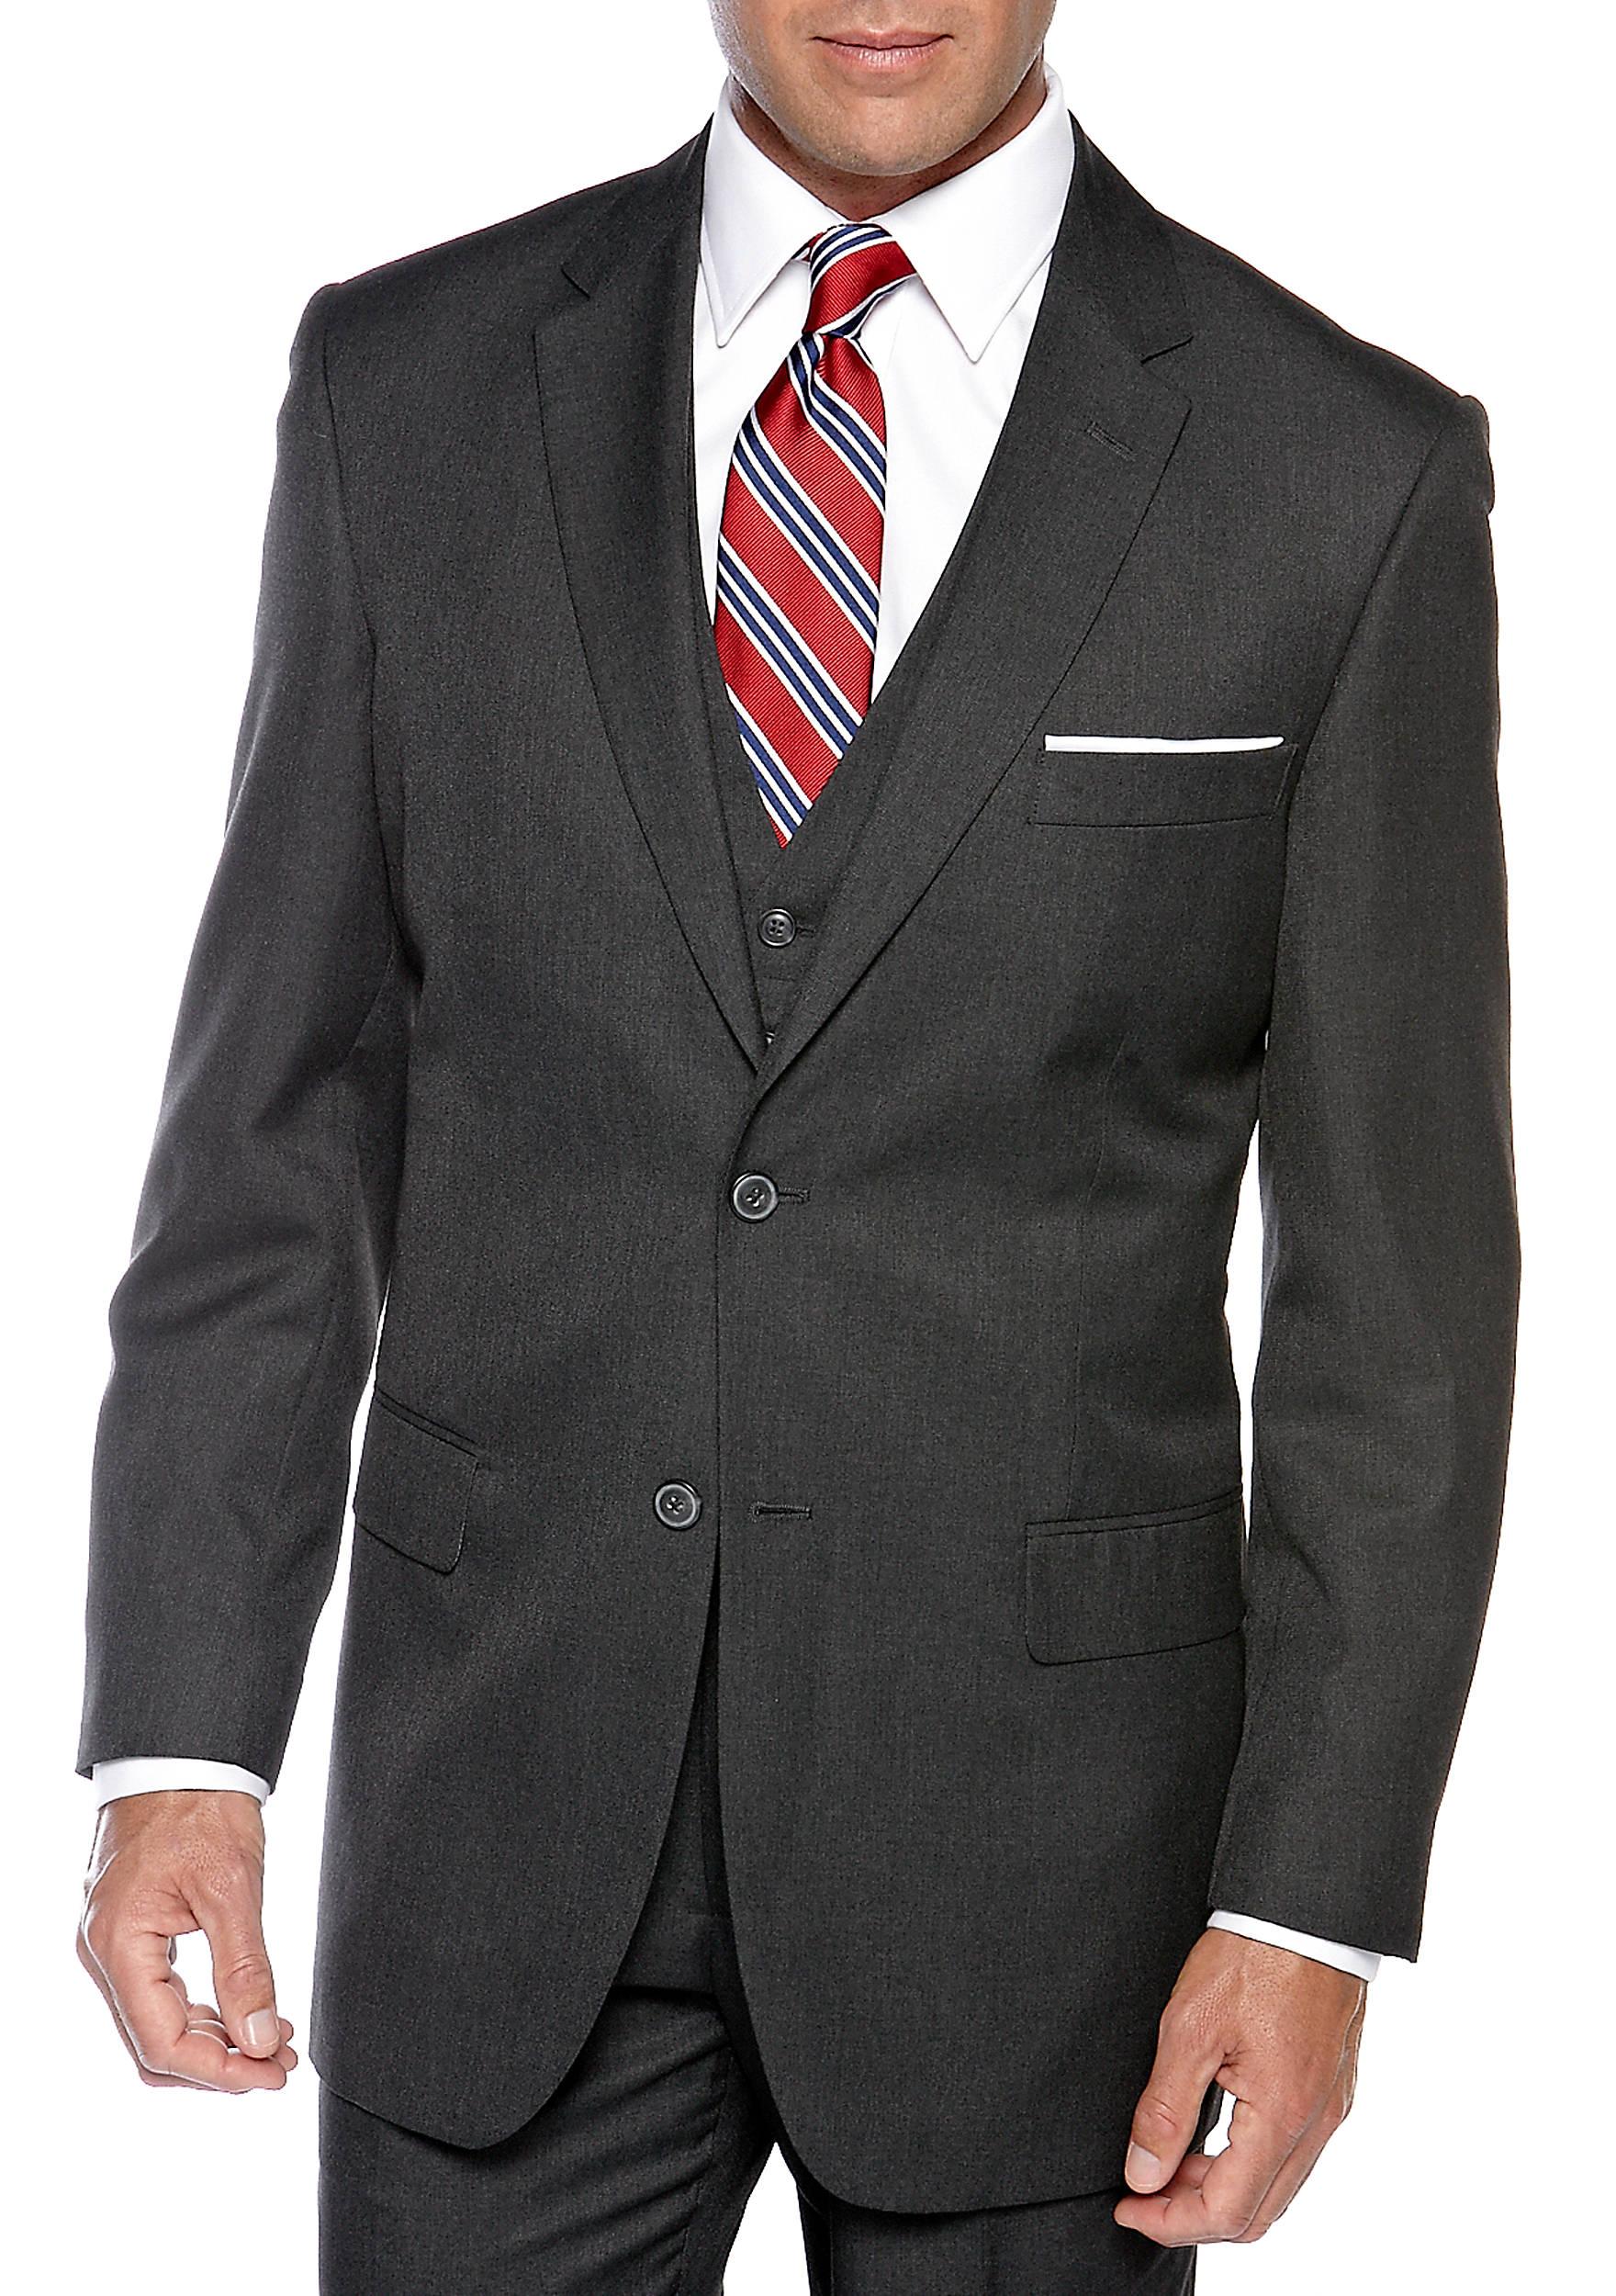 Men's Dress Clothes | belk